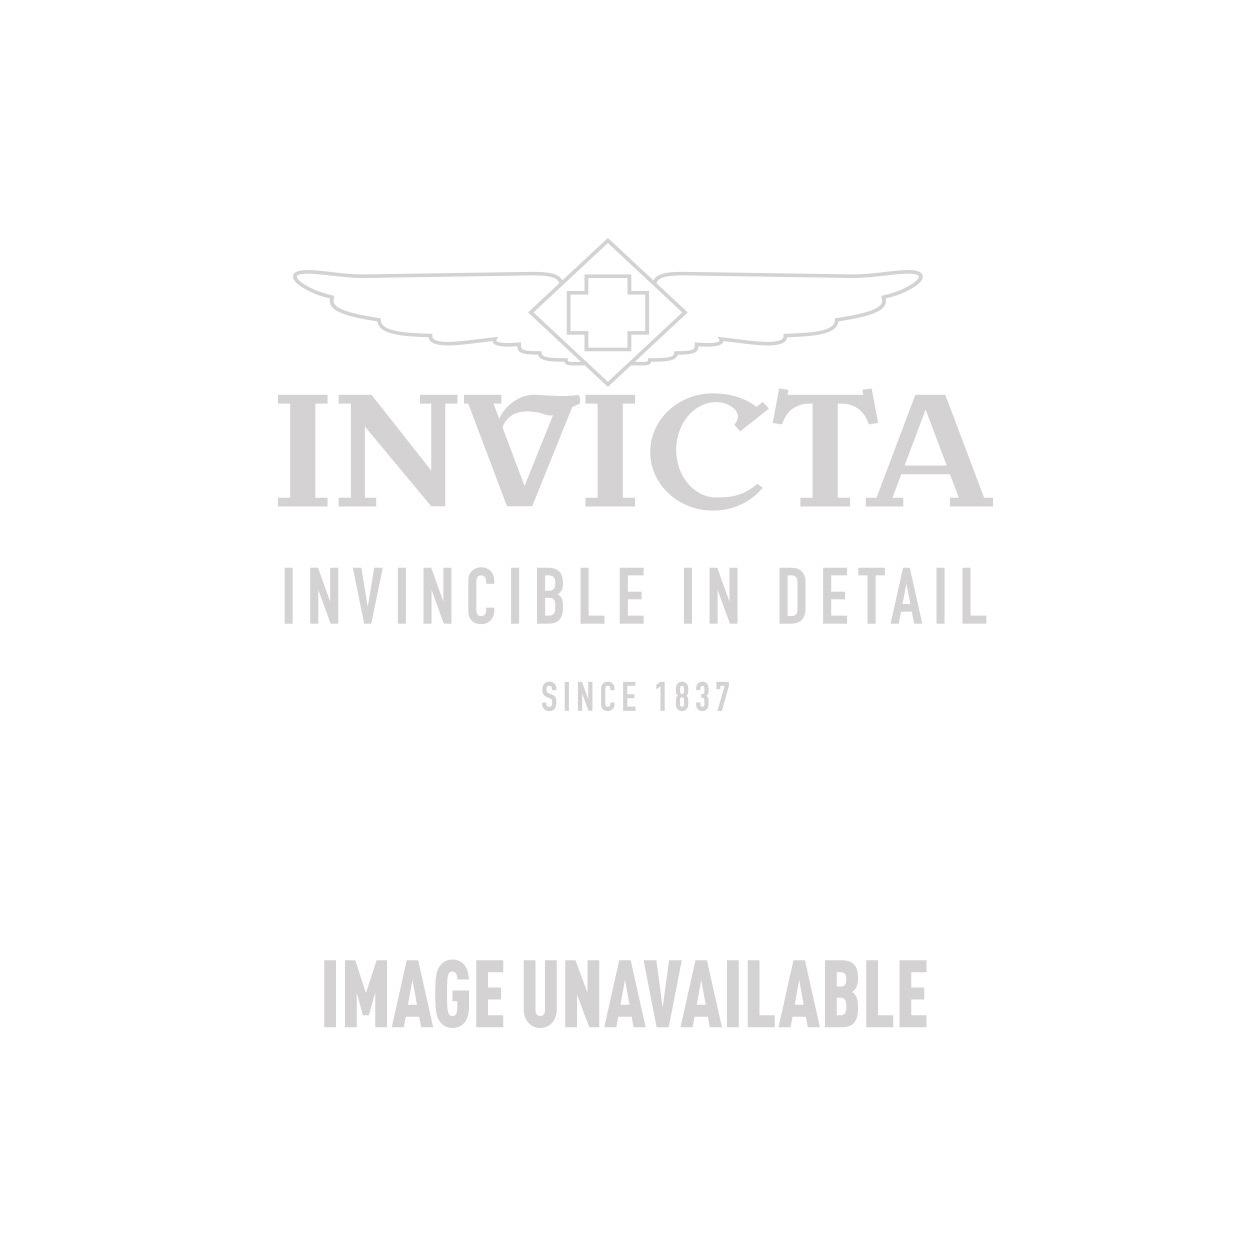 Invicta Model 24043